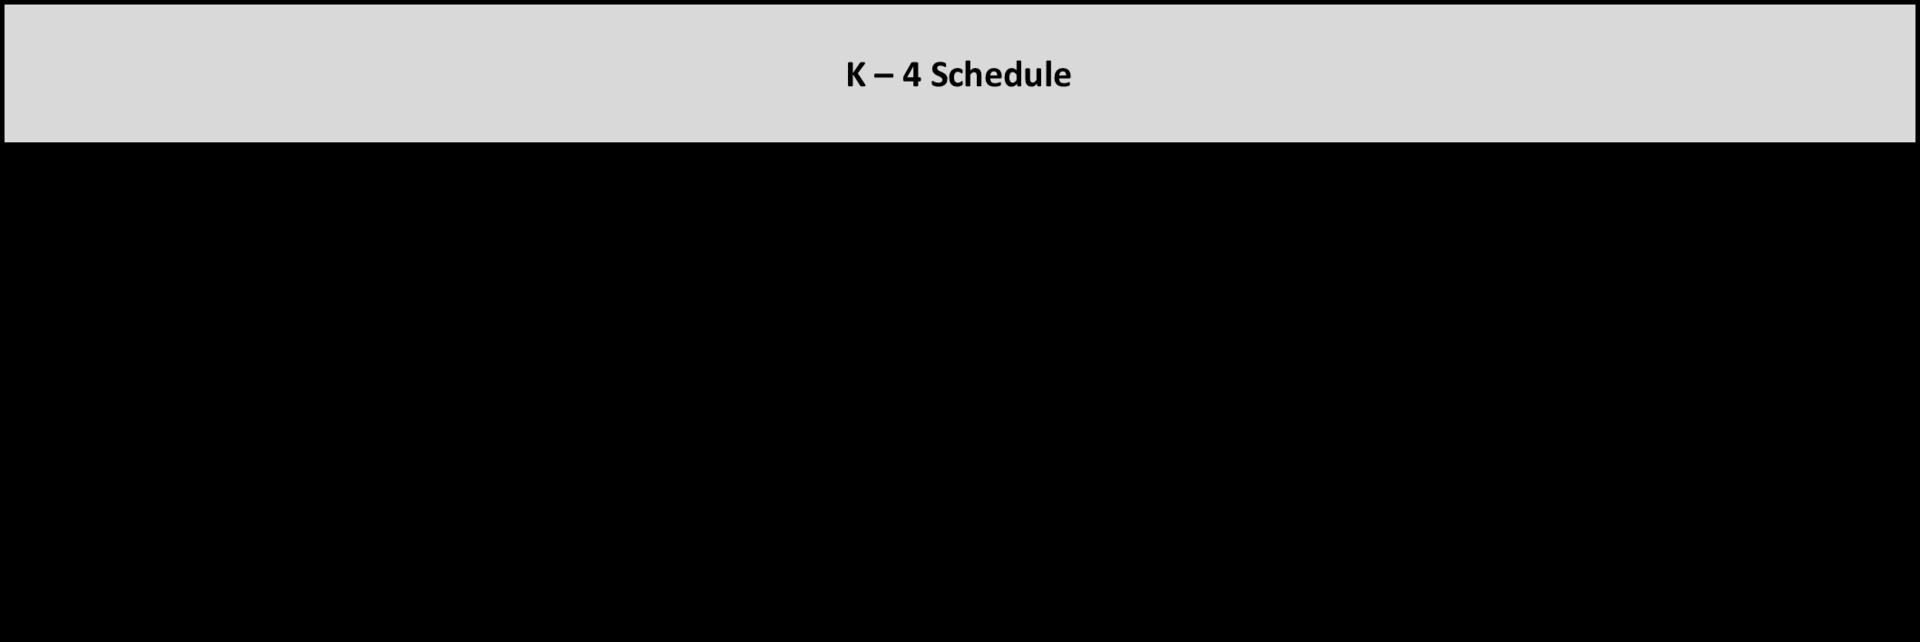 K-4 Schedule